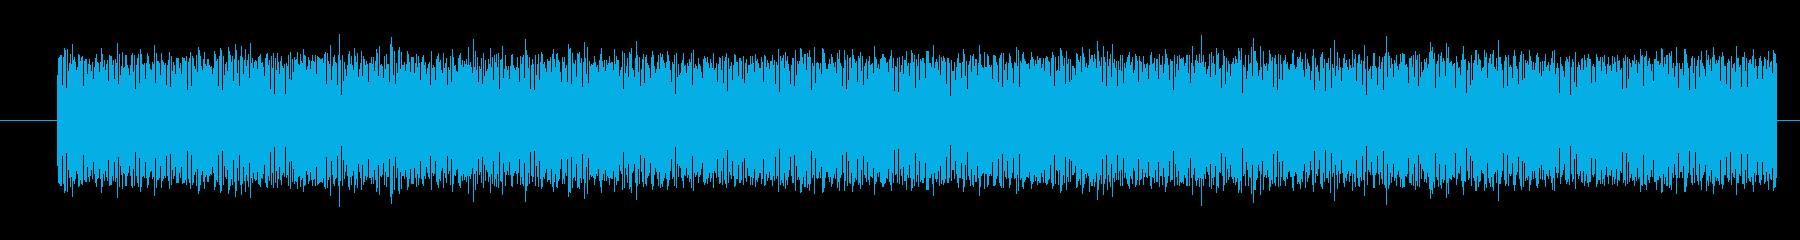 スノーモービル エンジン中速定常01の再生済みの波形